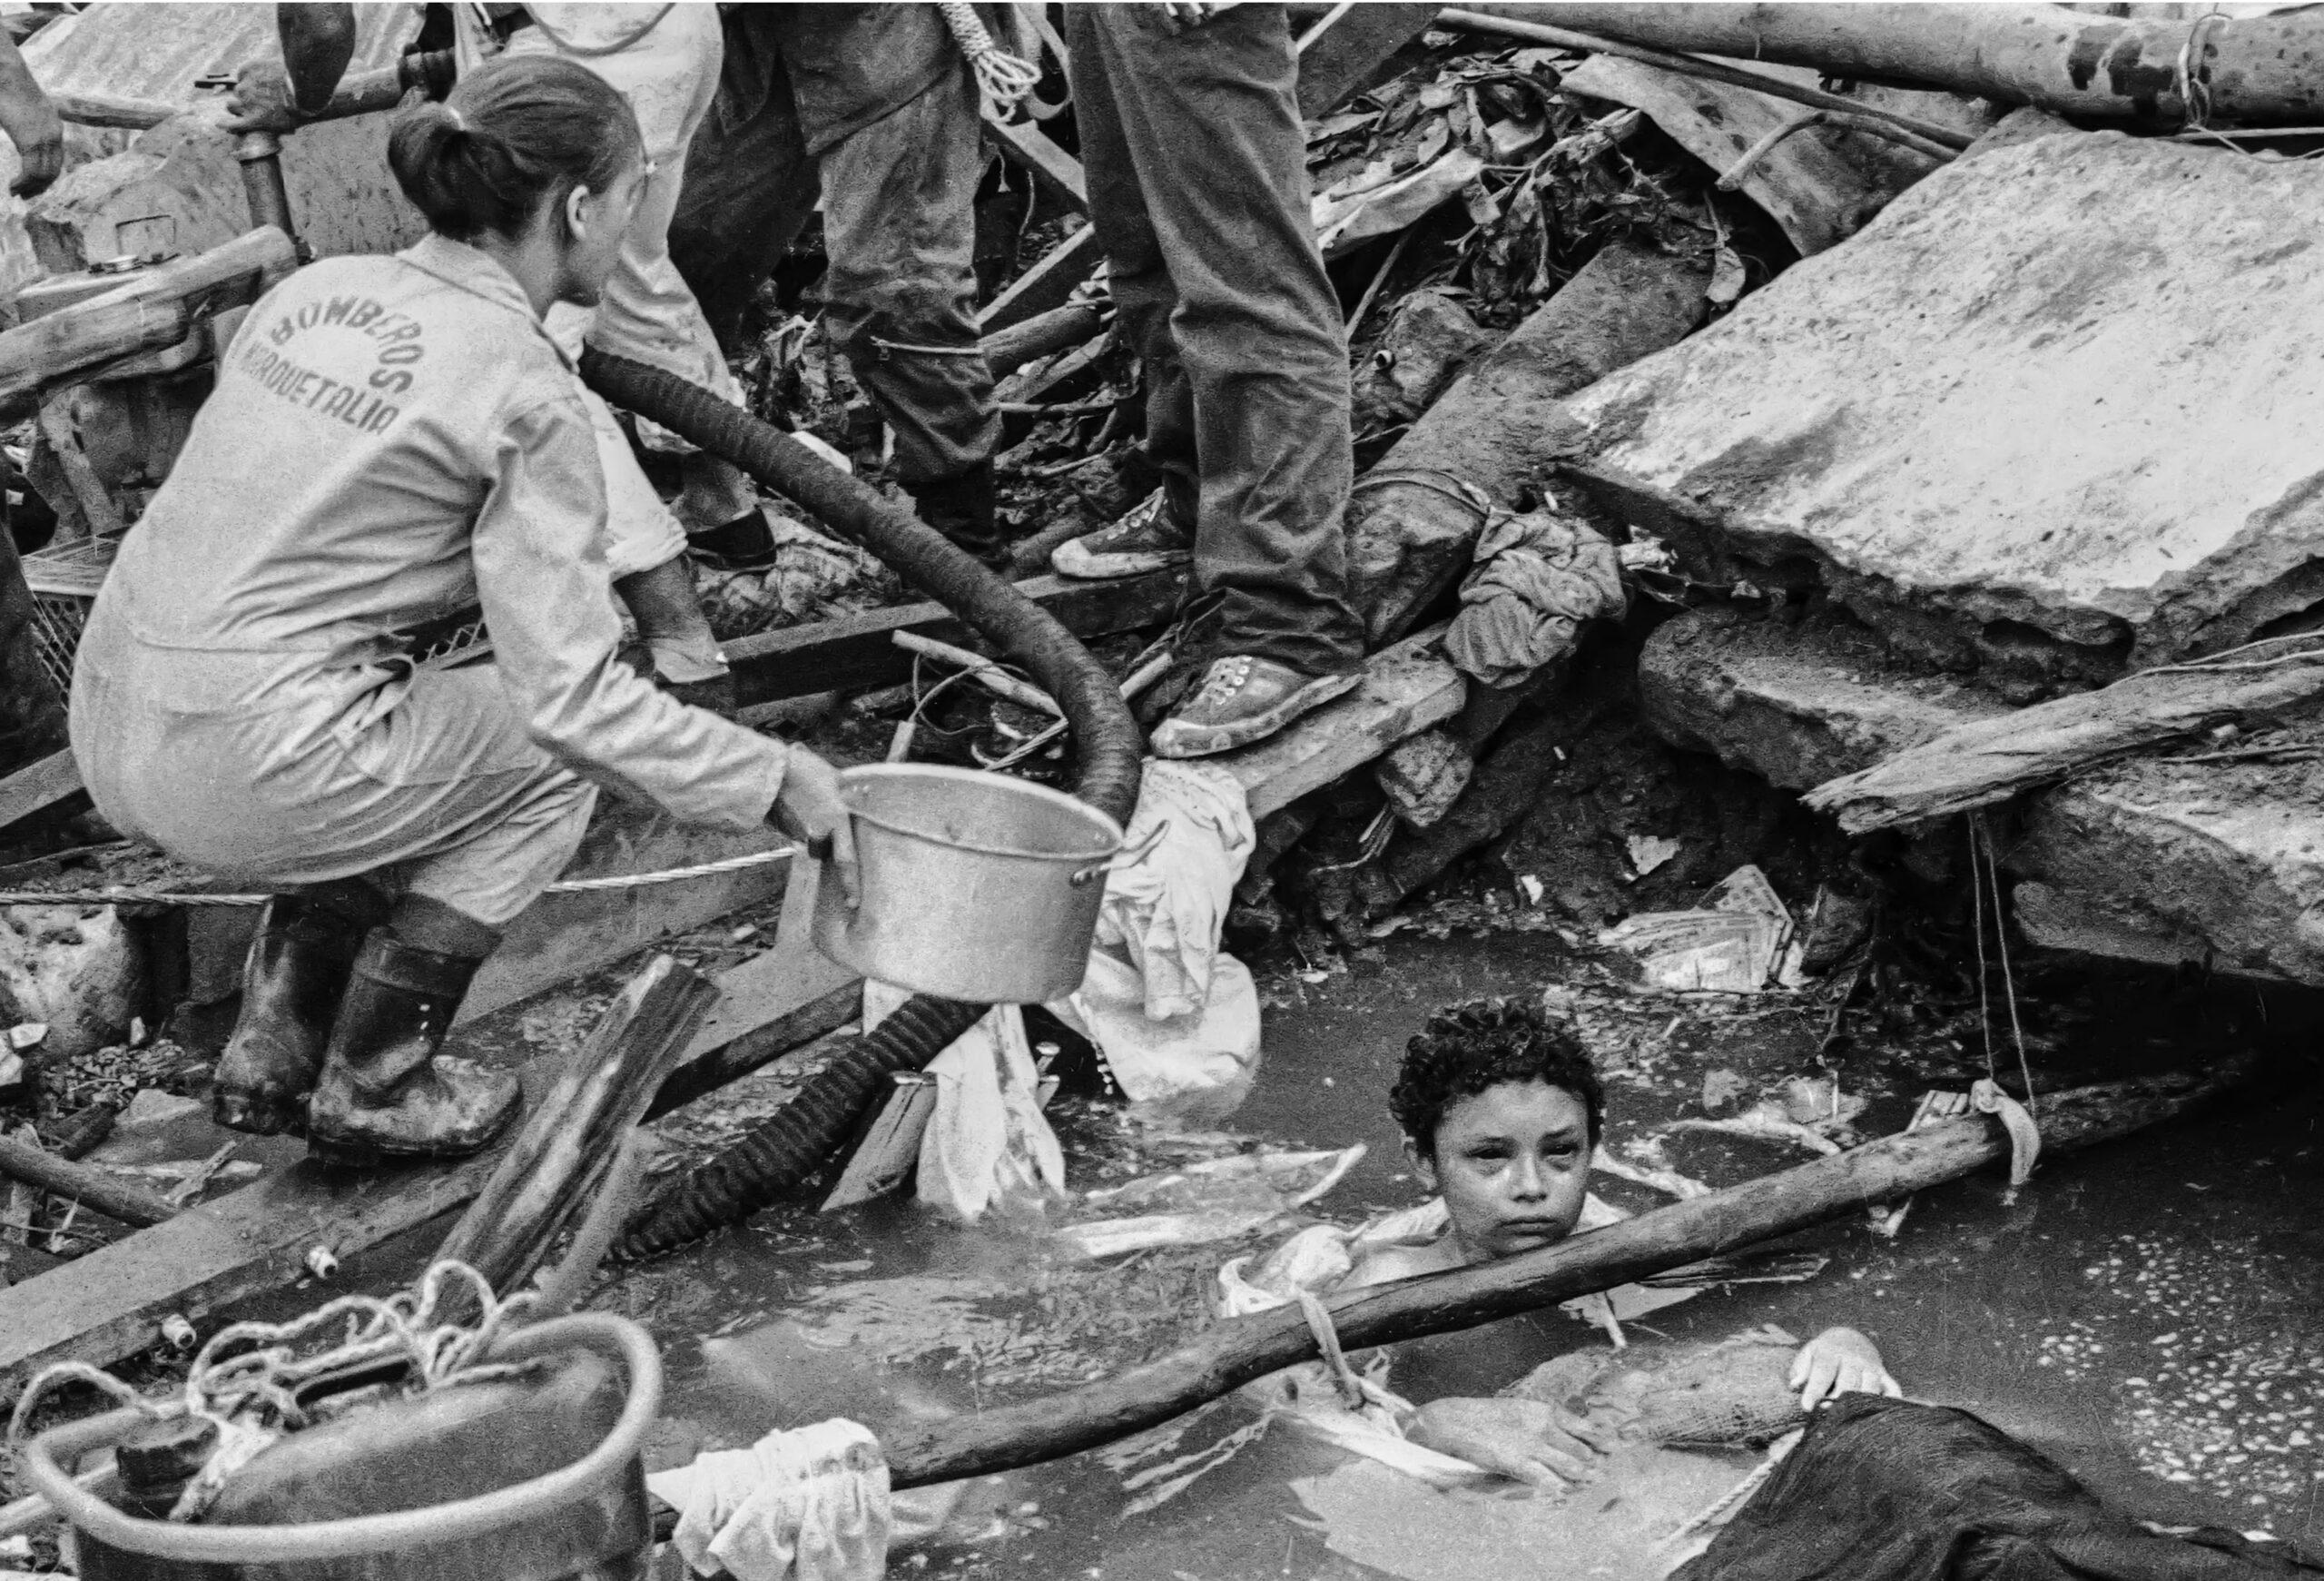 Hoy se conmemoran 35 años de una tragedia que acabó con Armero 9